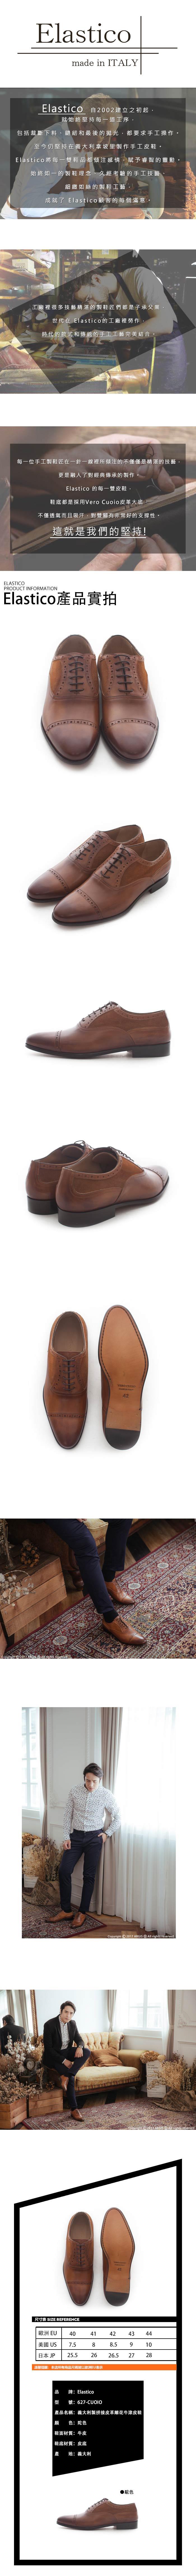 Elastico Italian stitching leather carved Oxford shoes  627驼色 ... 8fa8e183ee9